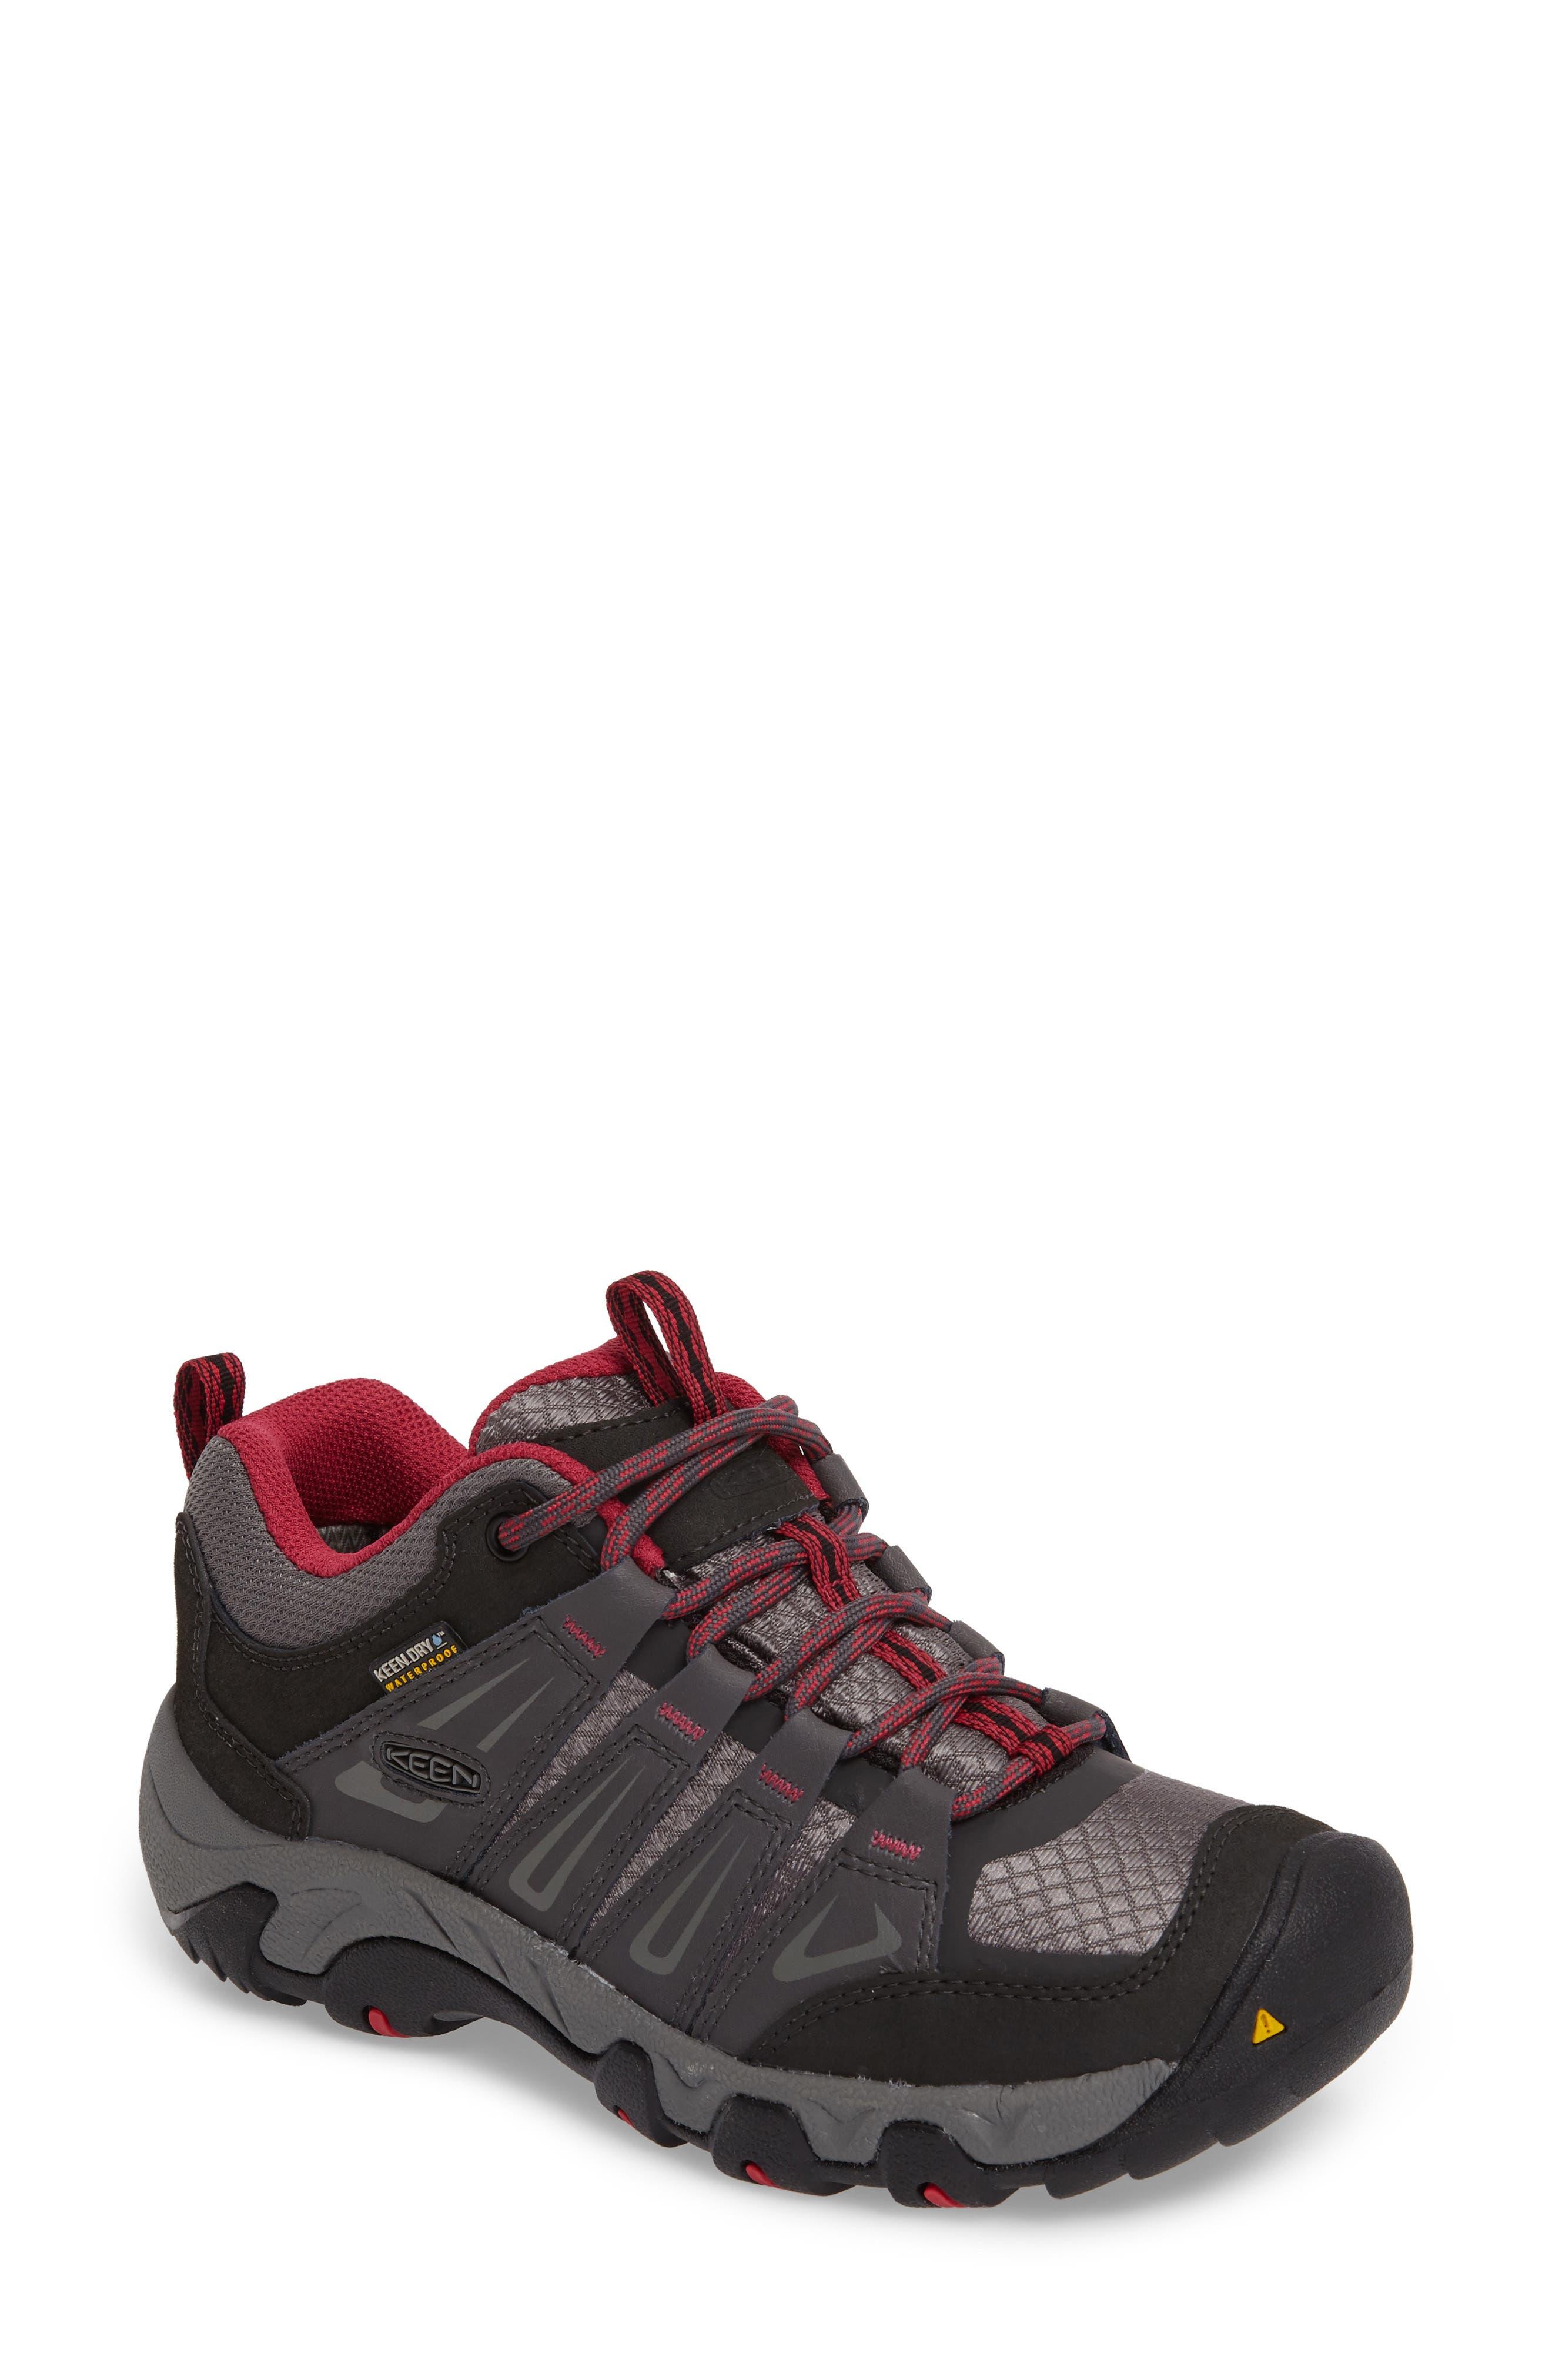 Alternate Image 1 Selected - Keen Oakridge Waterproof Hiking Shoe (Women)